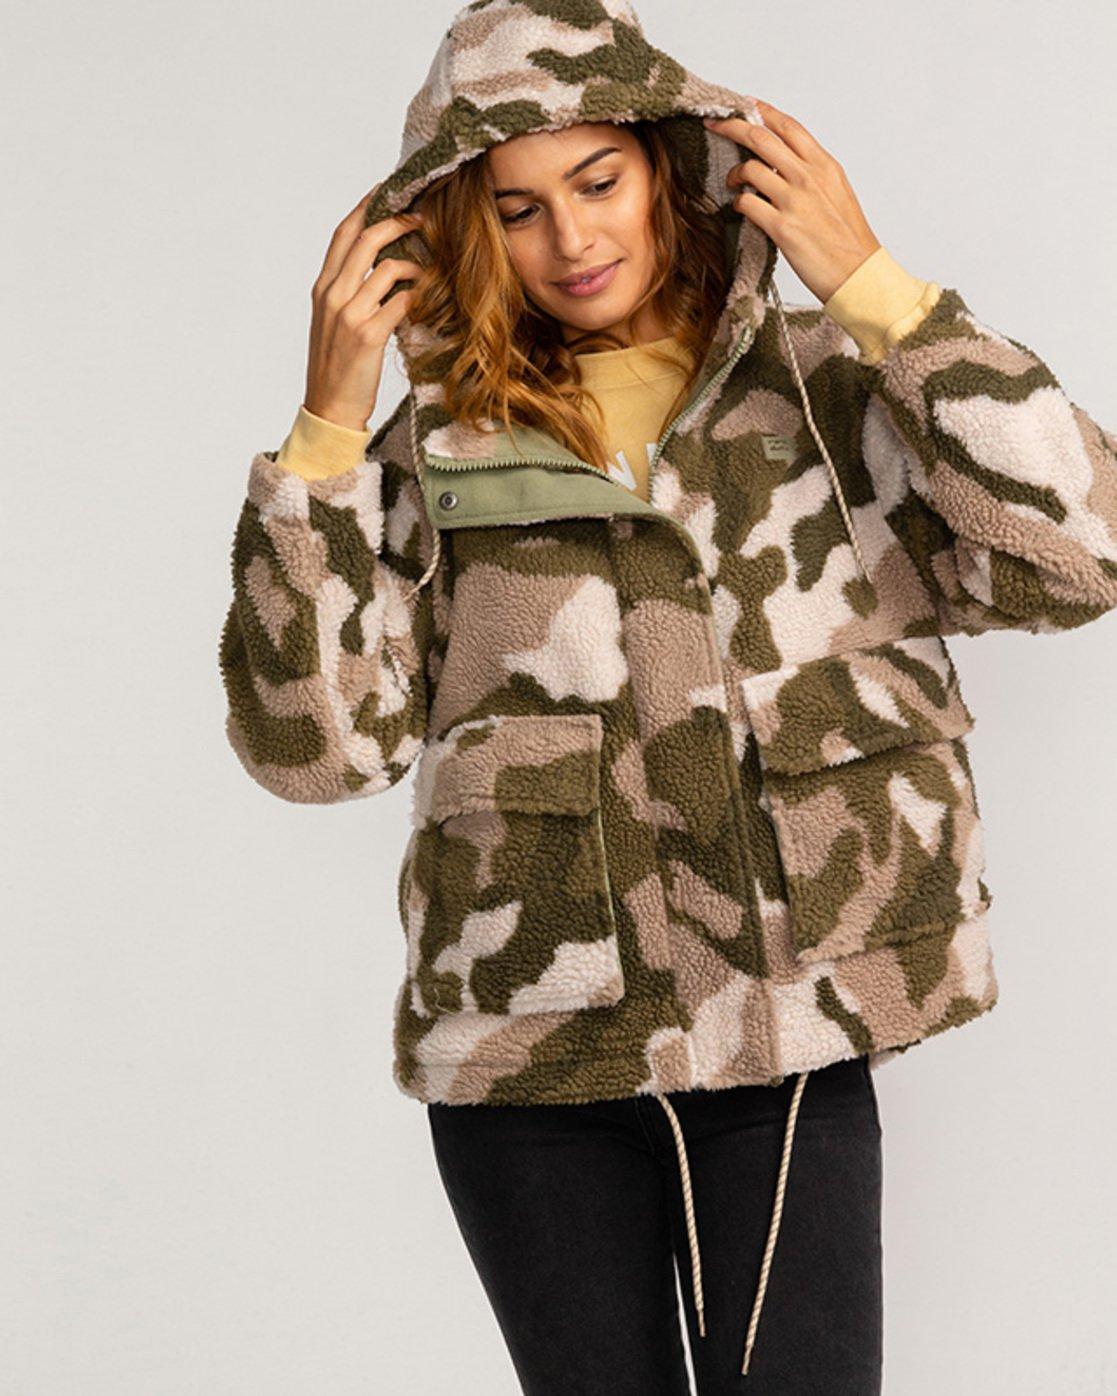 Adventure Division Collection Hiking Lover Sherpa Jacke für Frauen